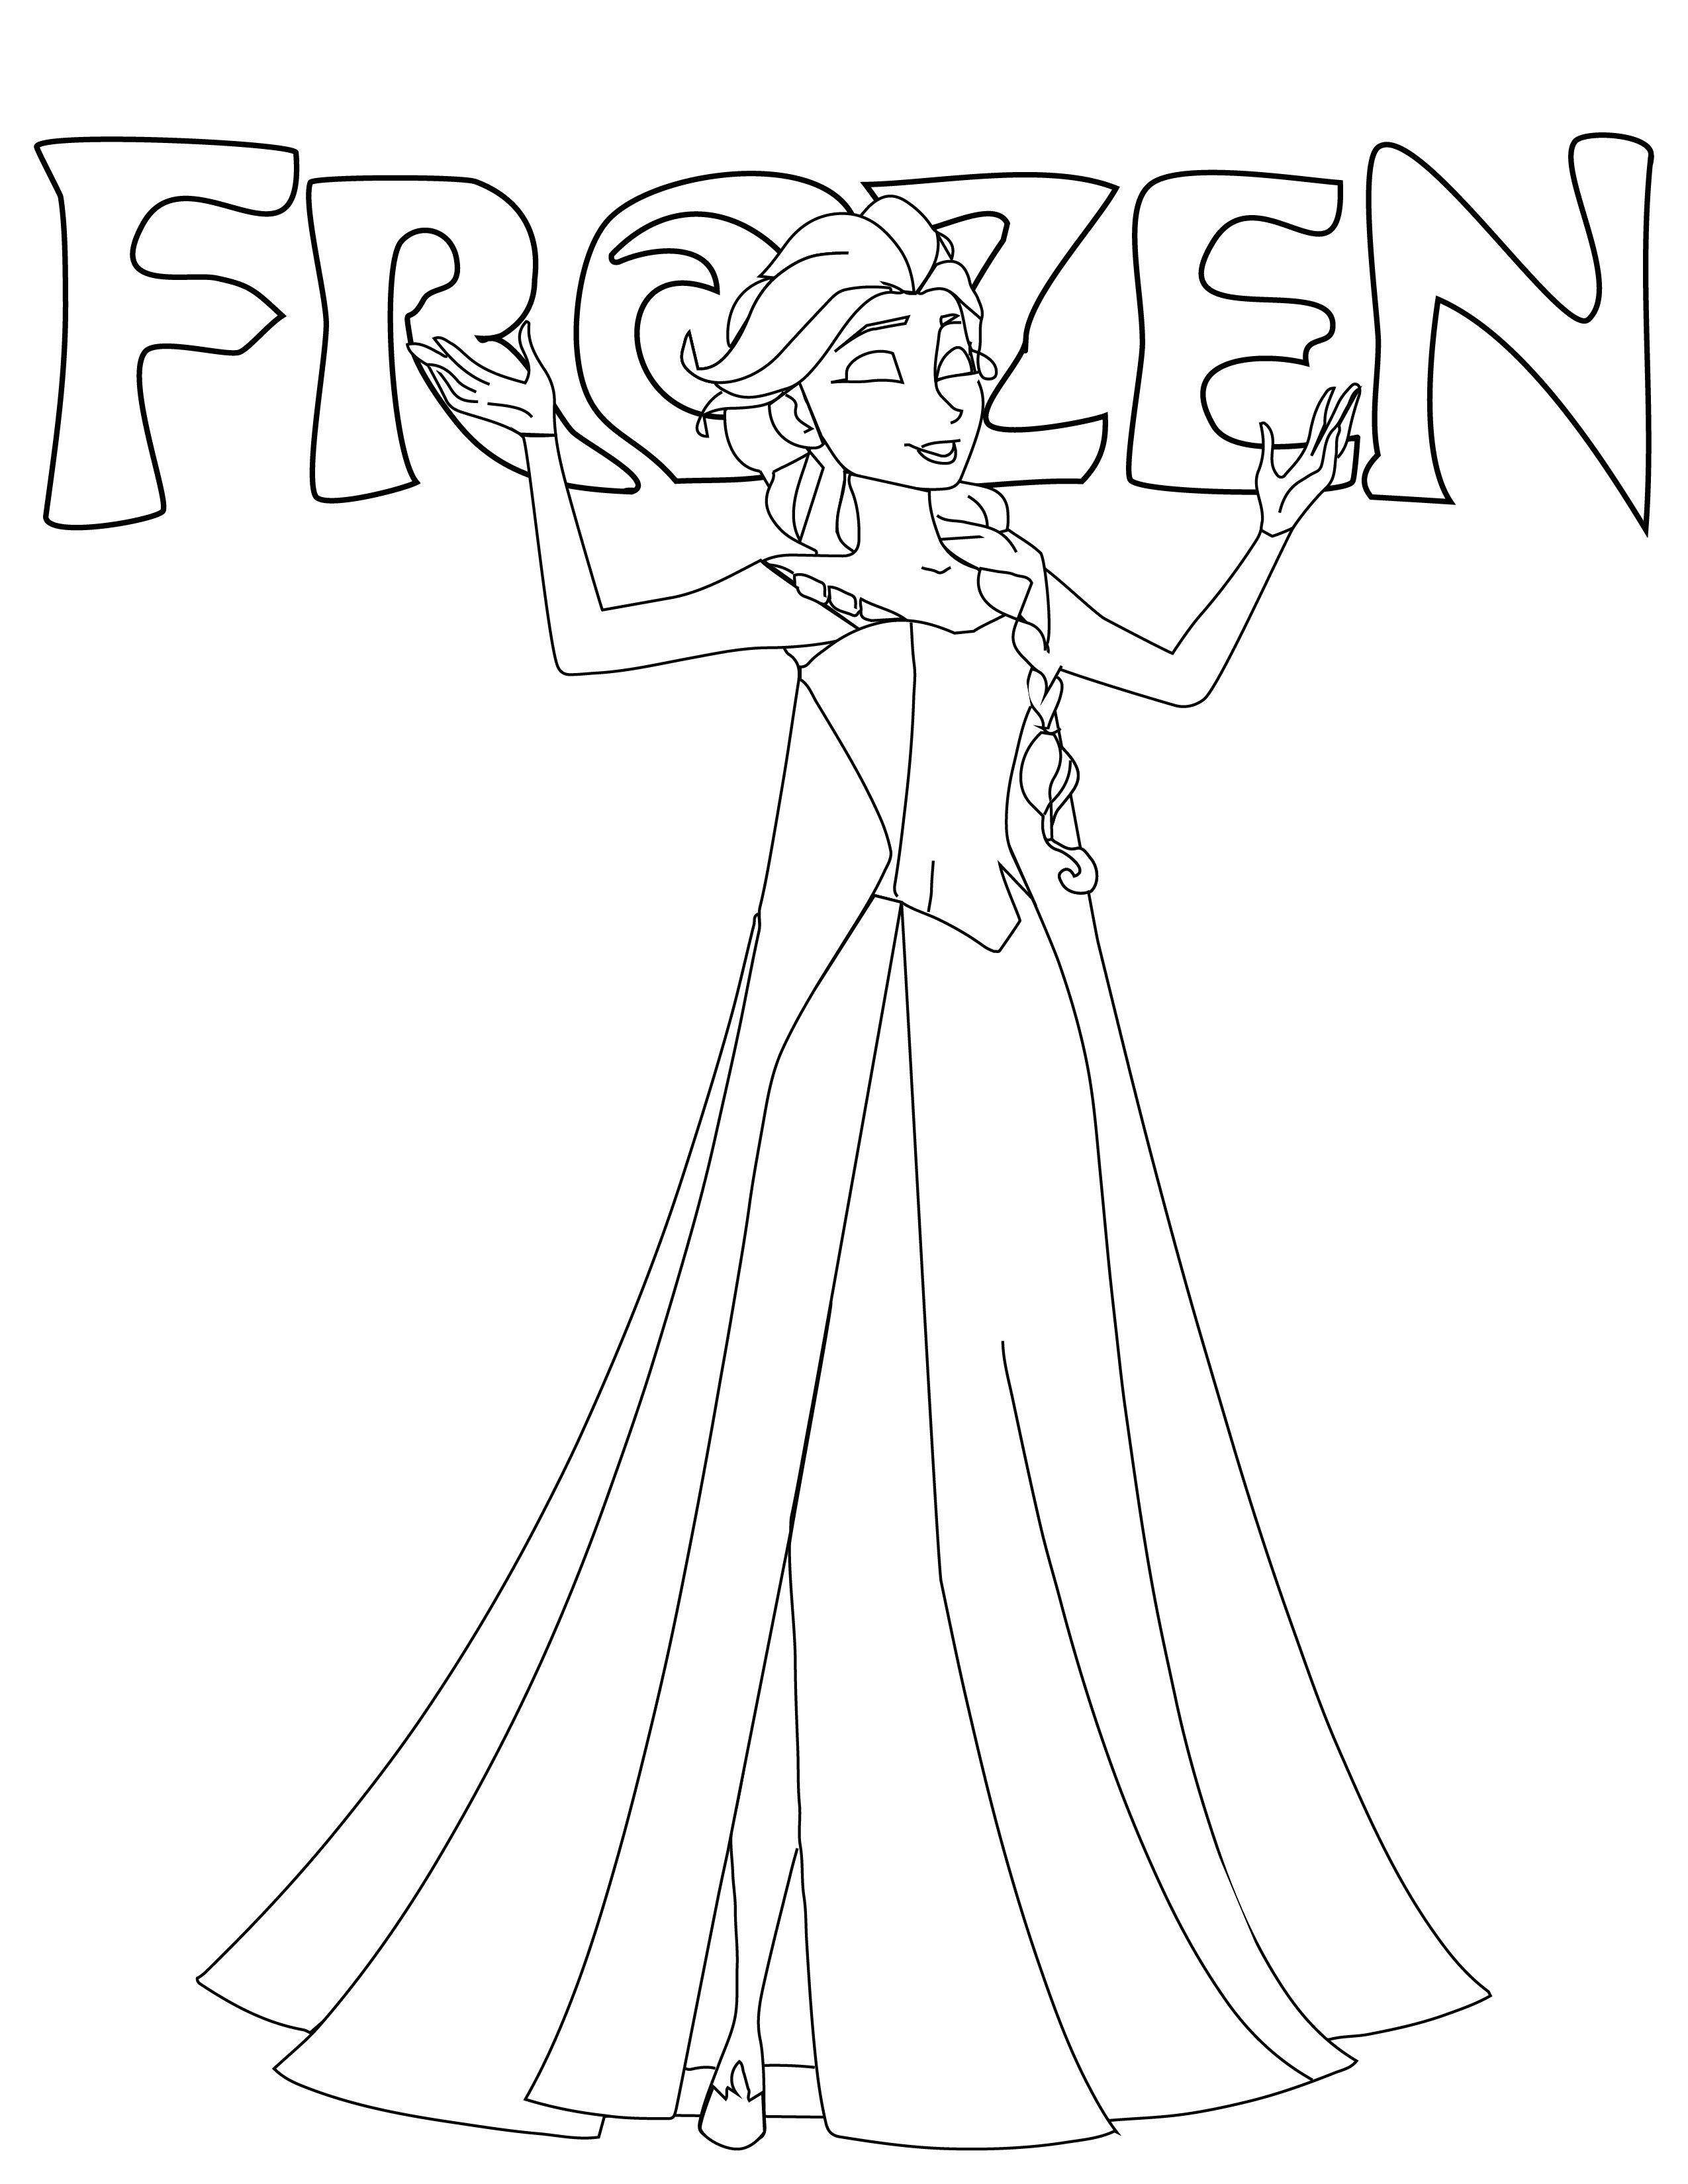 Coloriage Frozen Elsa.Disney Frozen Elsa Coloriage Noel Gratuit A Imprimer